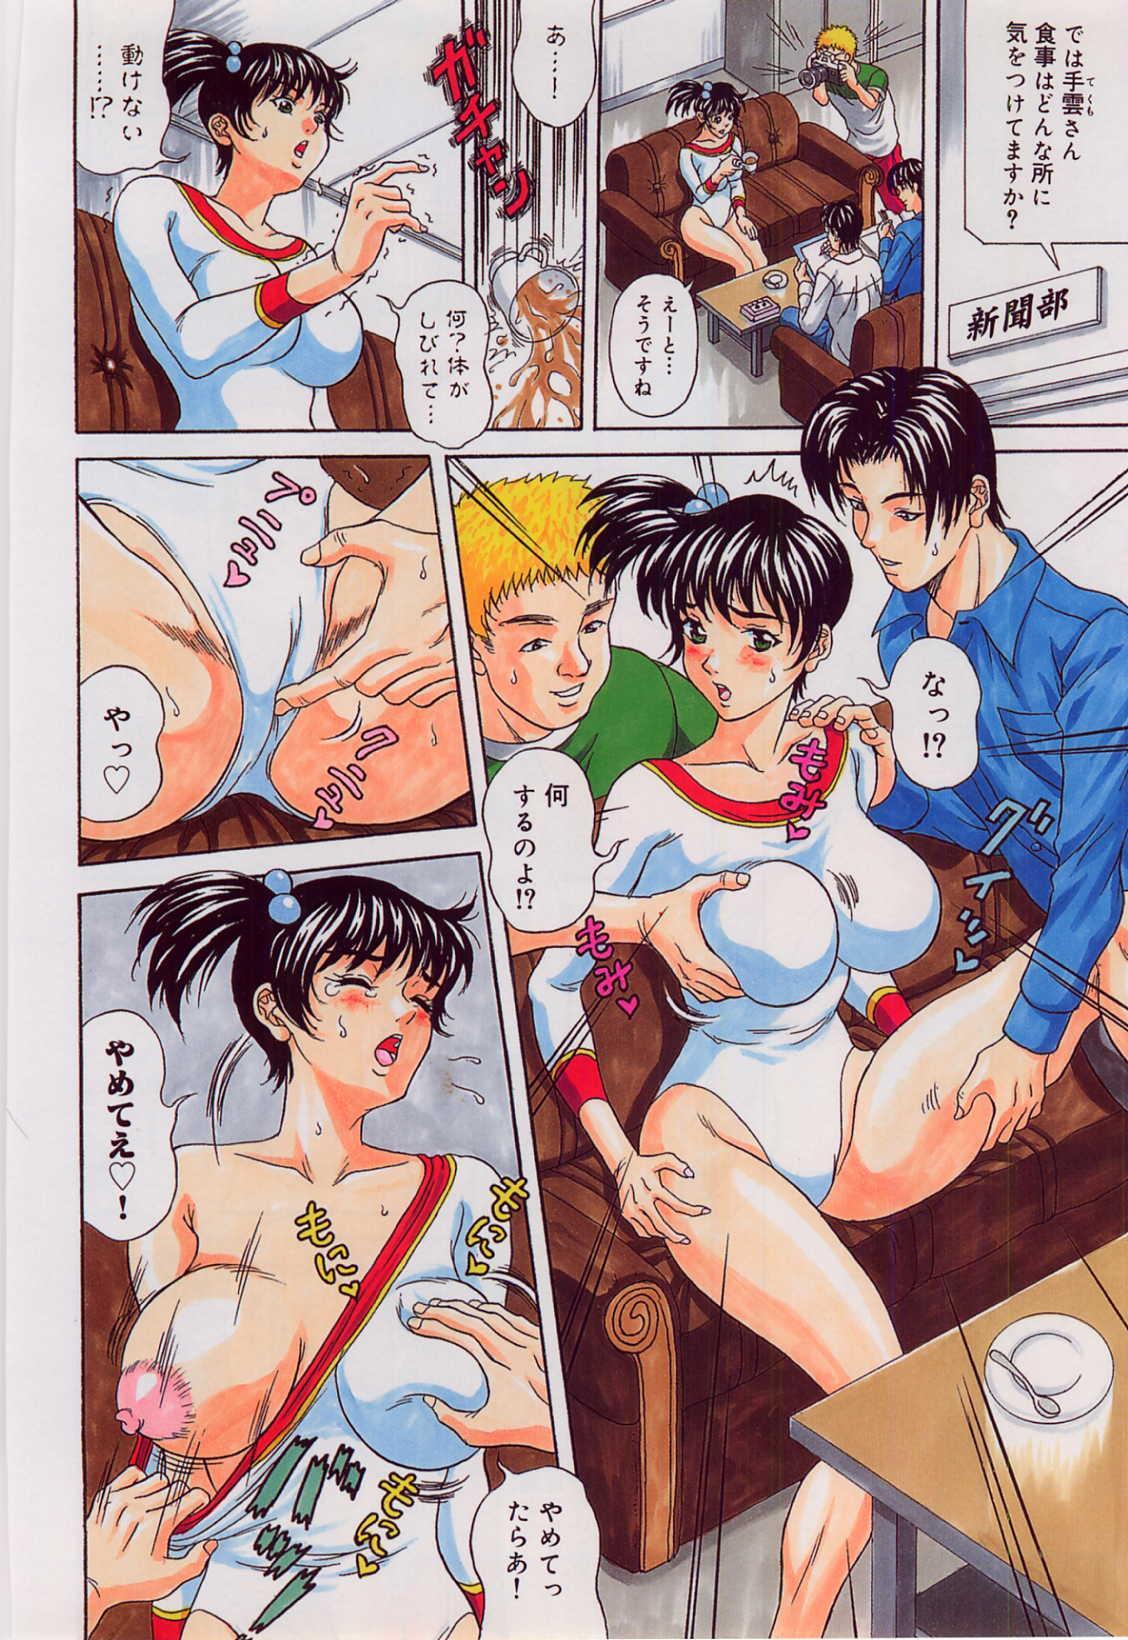 Yokubou no Hako - The Box of the Desire 143